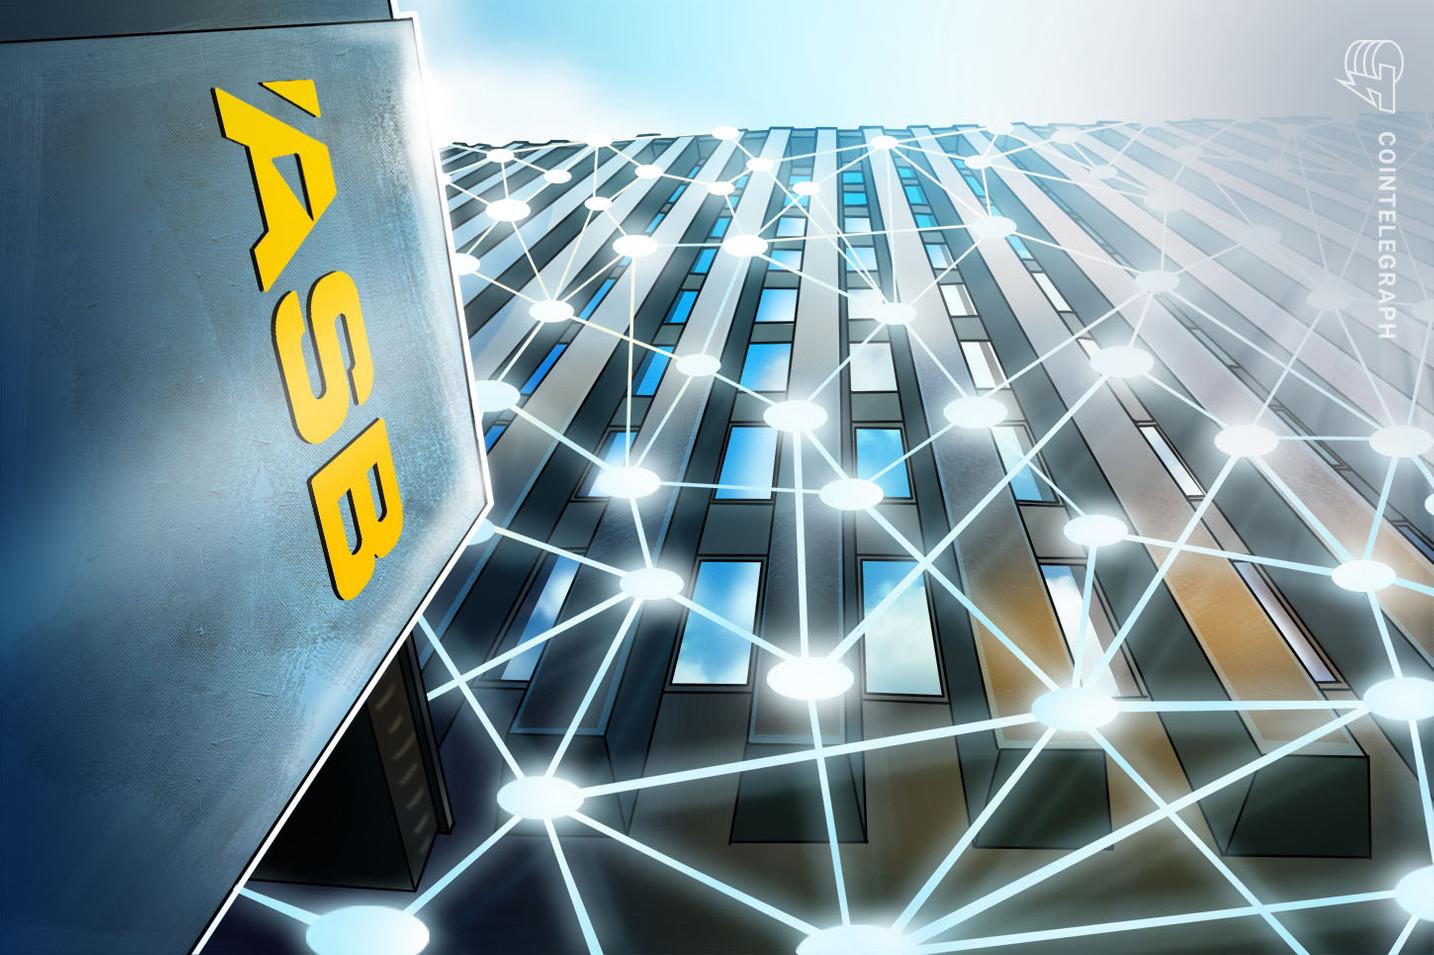 El ASB Bank de Nueva Zelanda posee el 21% en TradeWindow luego de una ronda de financiación de USD 1.7 millones